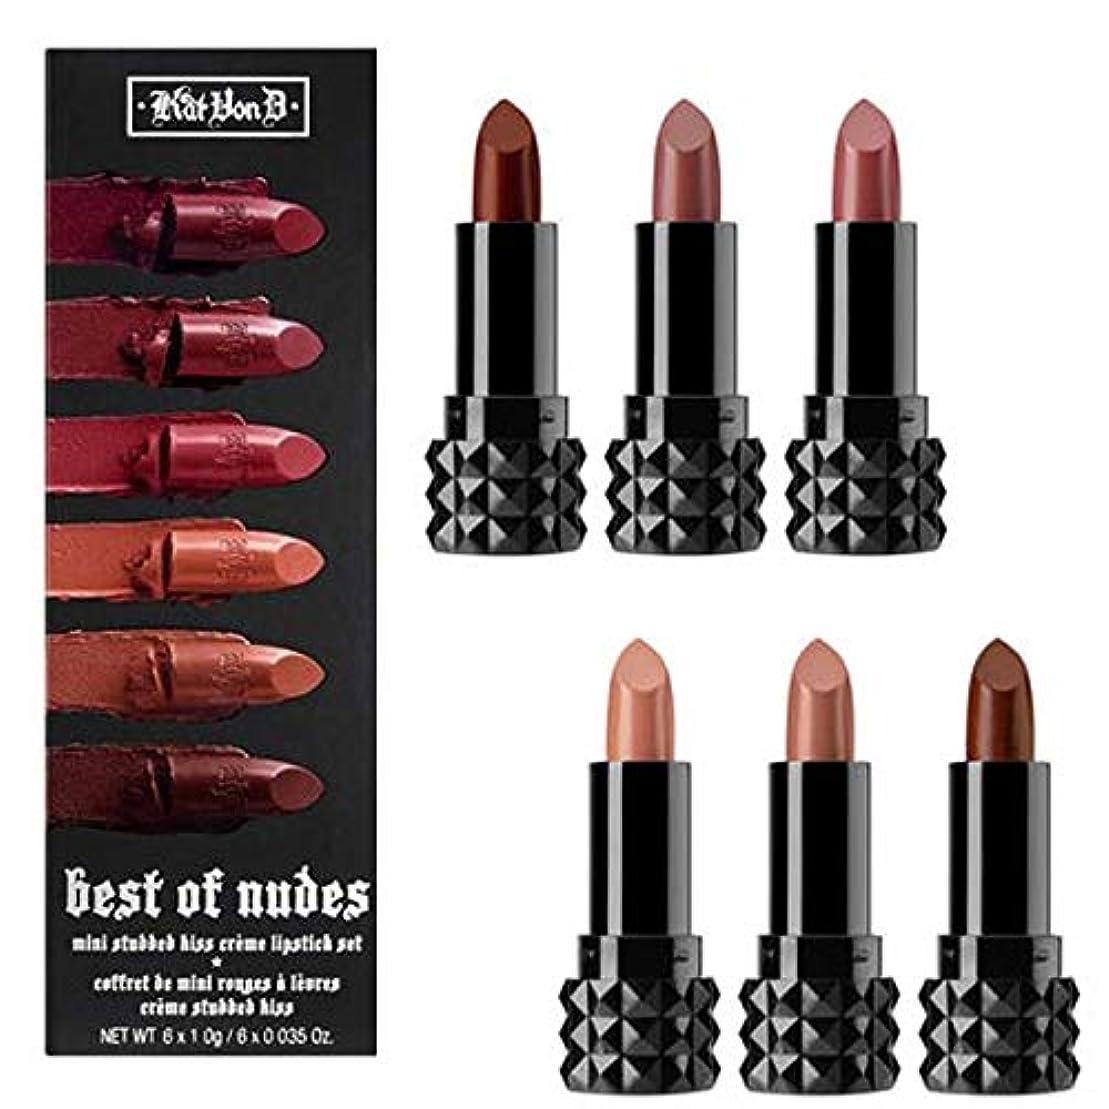 それぞれ例会社Kat Von D キャットヴォンD, 限定版 Best of Nudes Mini ミニ Studded Kiss Crème Lipstick Set [並行輸入品] [海外直送品]